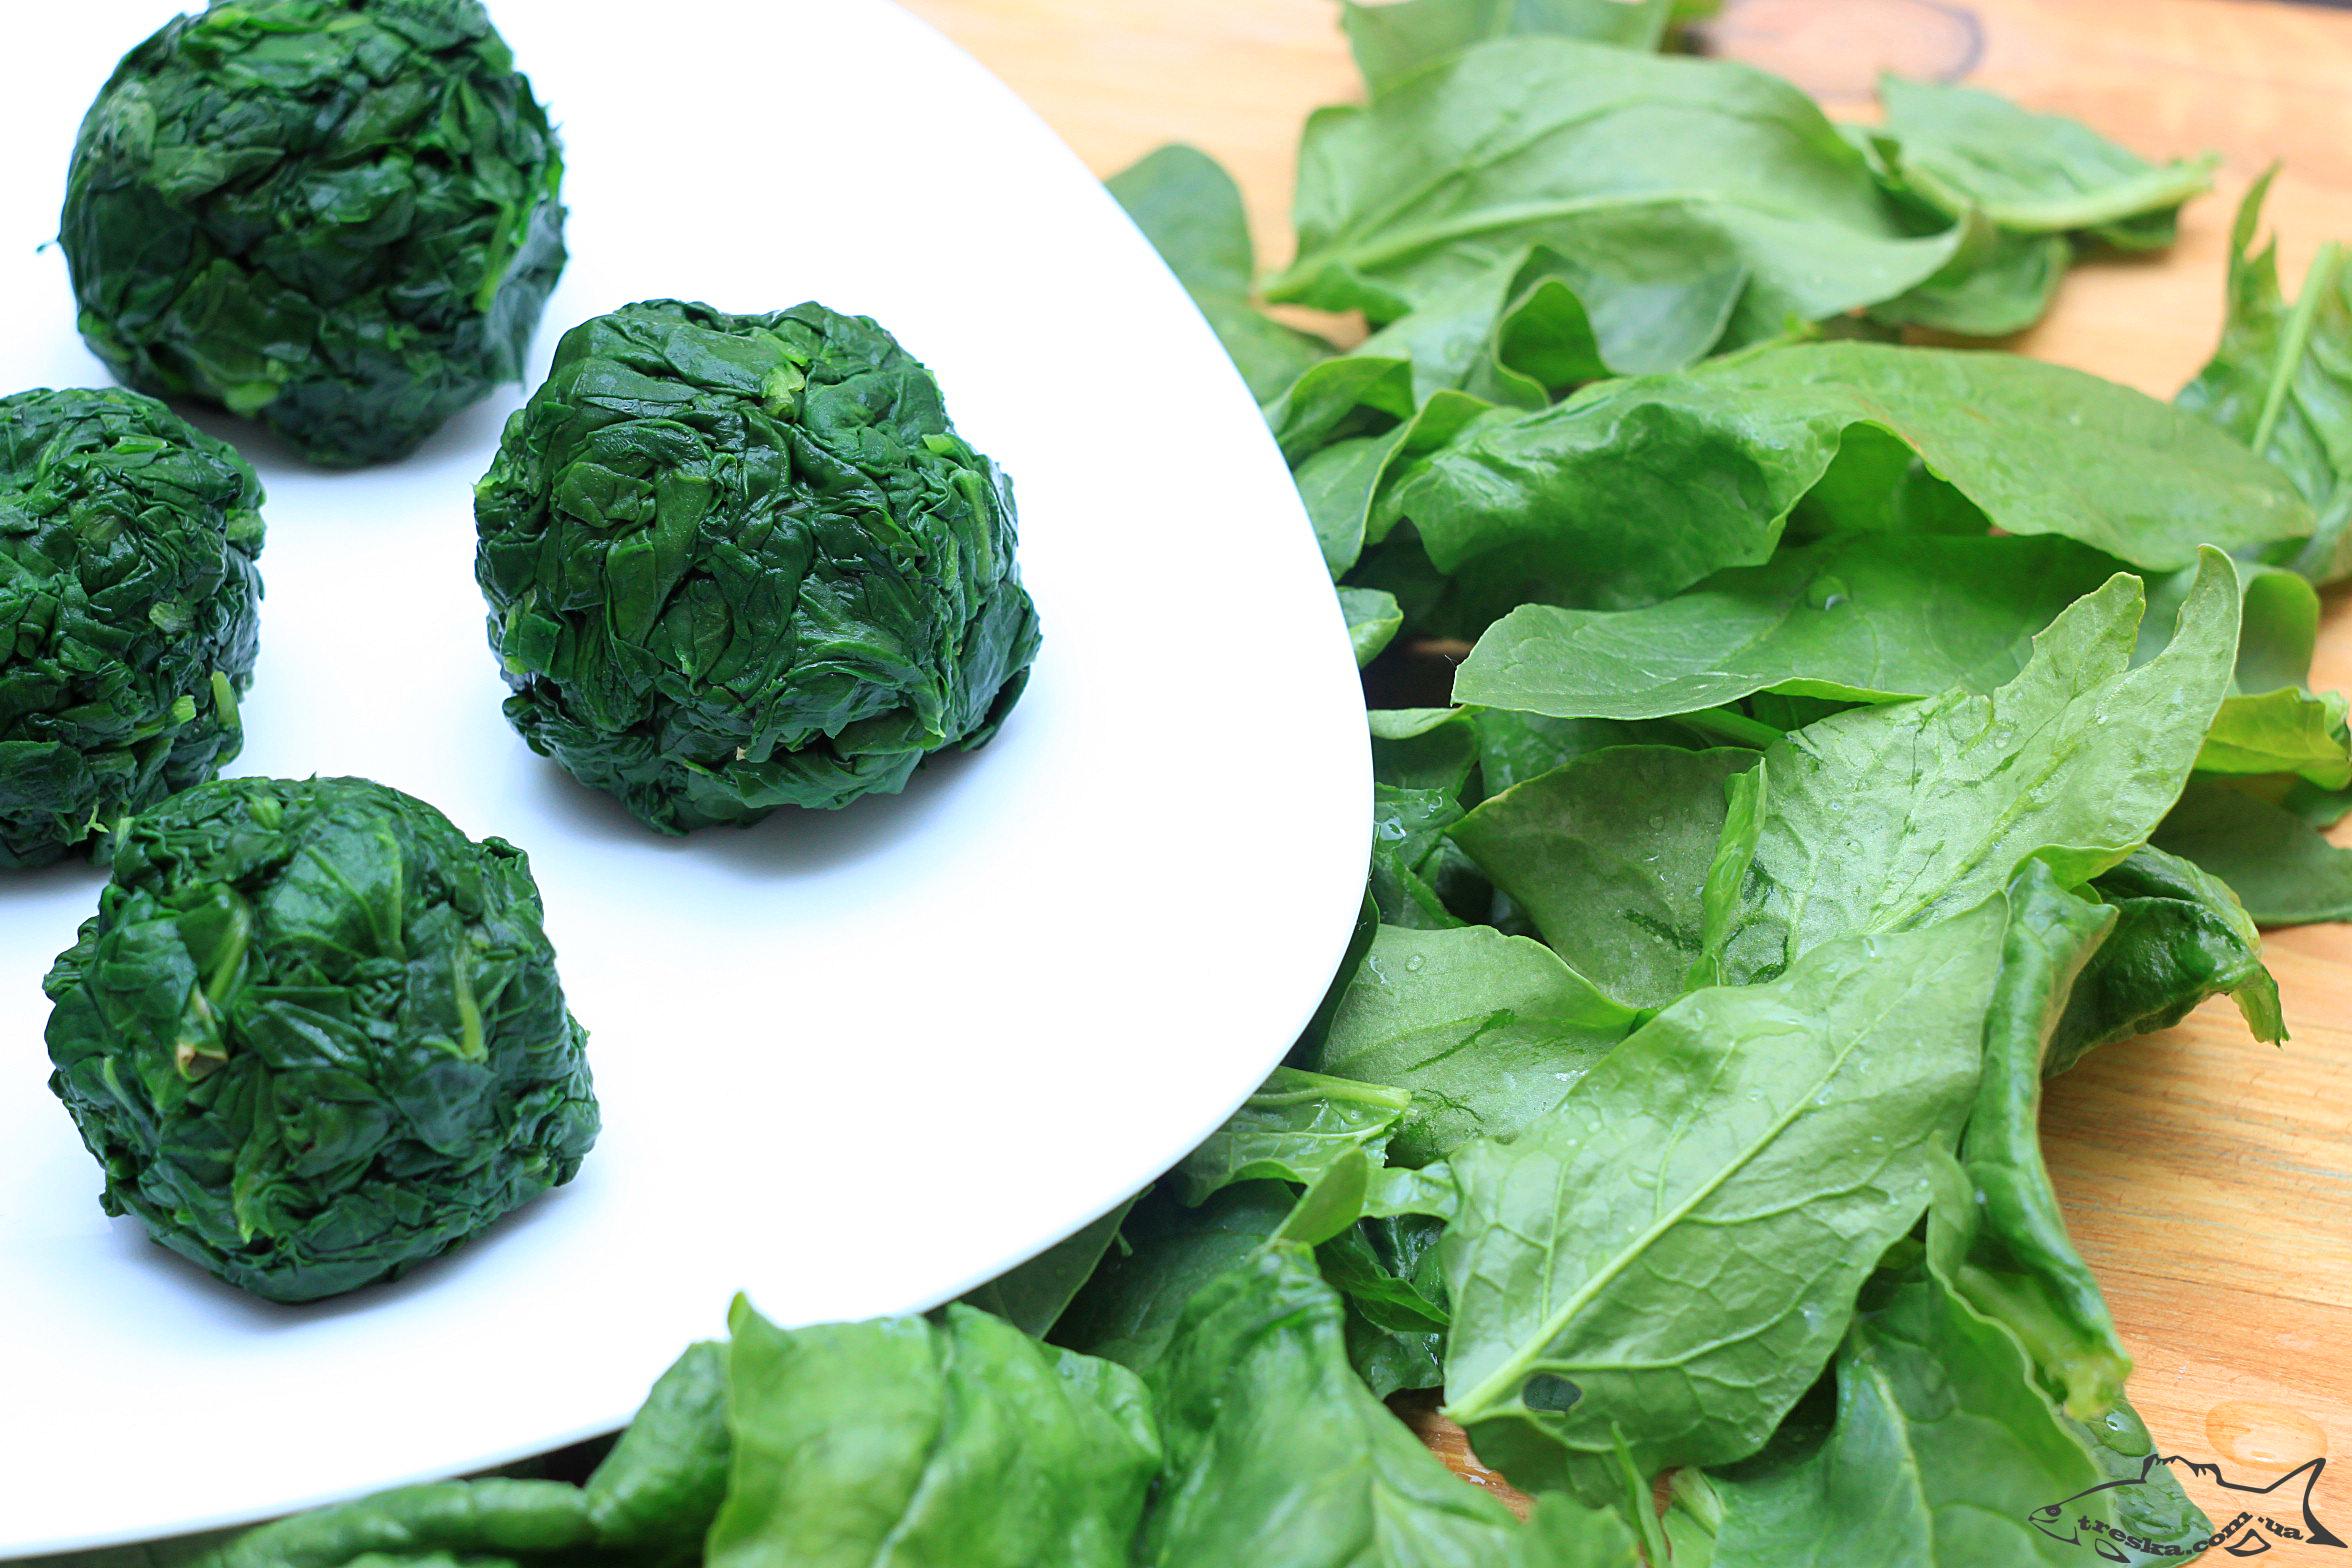 Способ заморозки шпината - приваренный шпинат скатывают в порционные шарики и замораживают